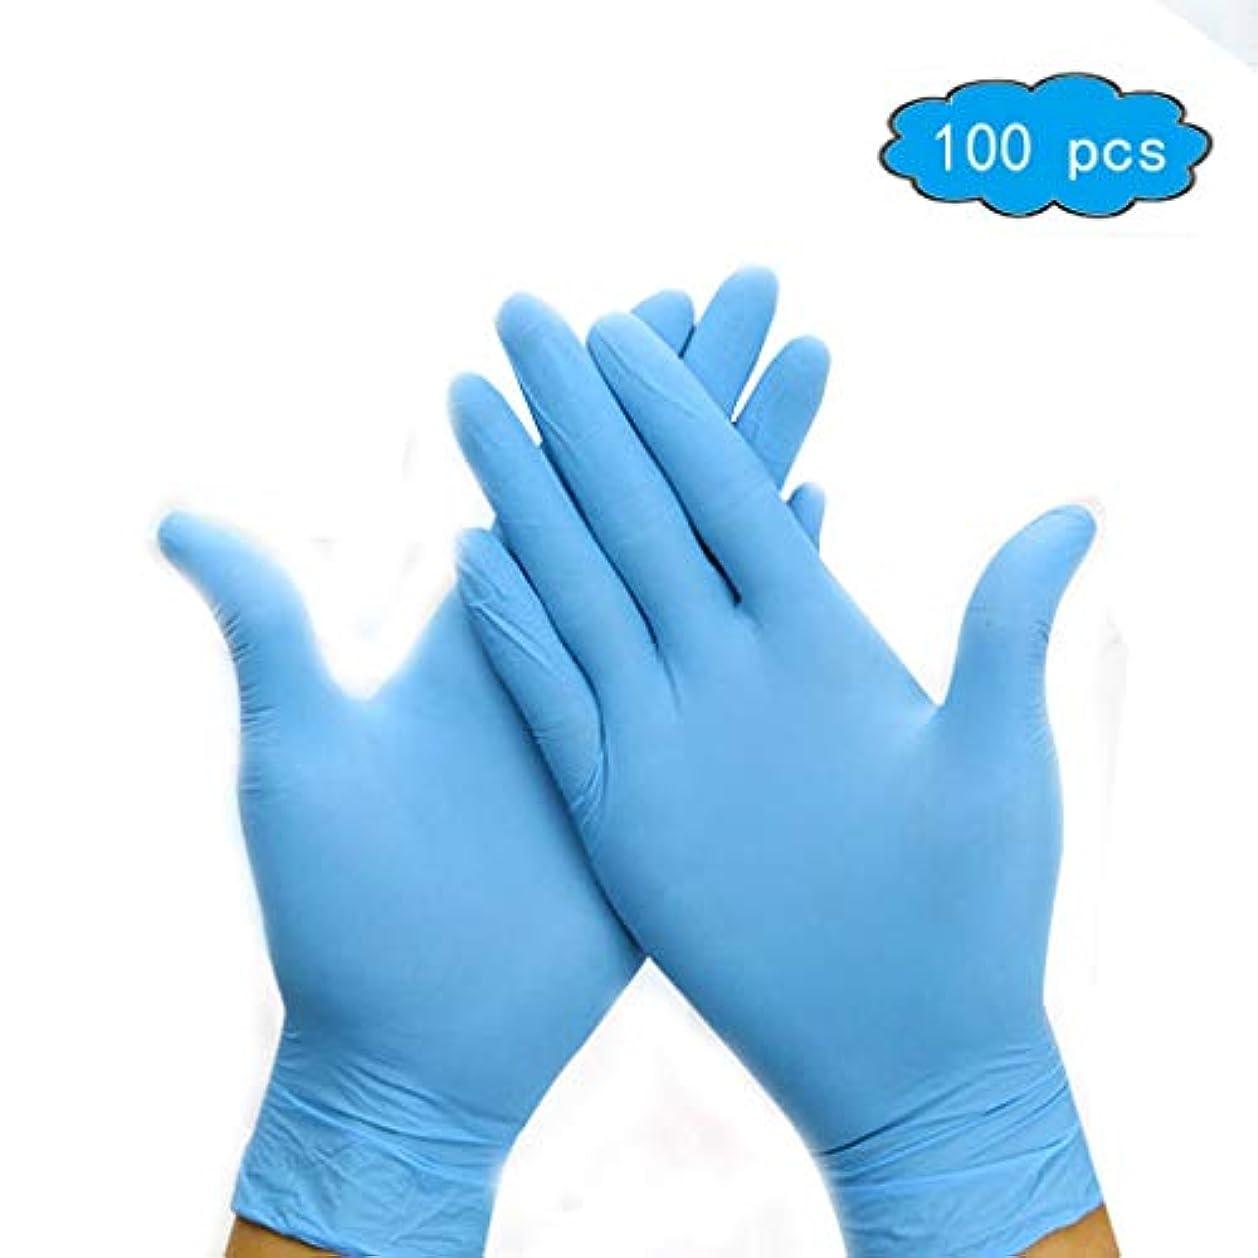 言語倒錯異常な使い捨てニトリル手袋 - パウダーフリー、ラテックスフリー、メディカル試験グレード、無菌、Ambidextrous - テクスチャード加工のソフト - クールブルー(中、1パック、100カウント)、手?腕の保護 (Color...